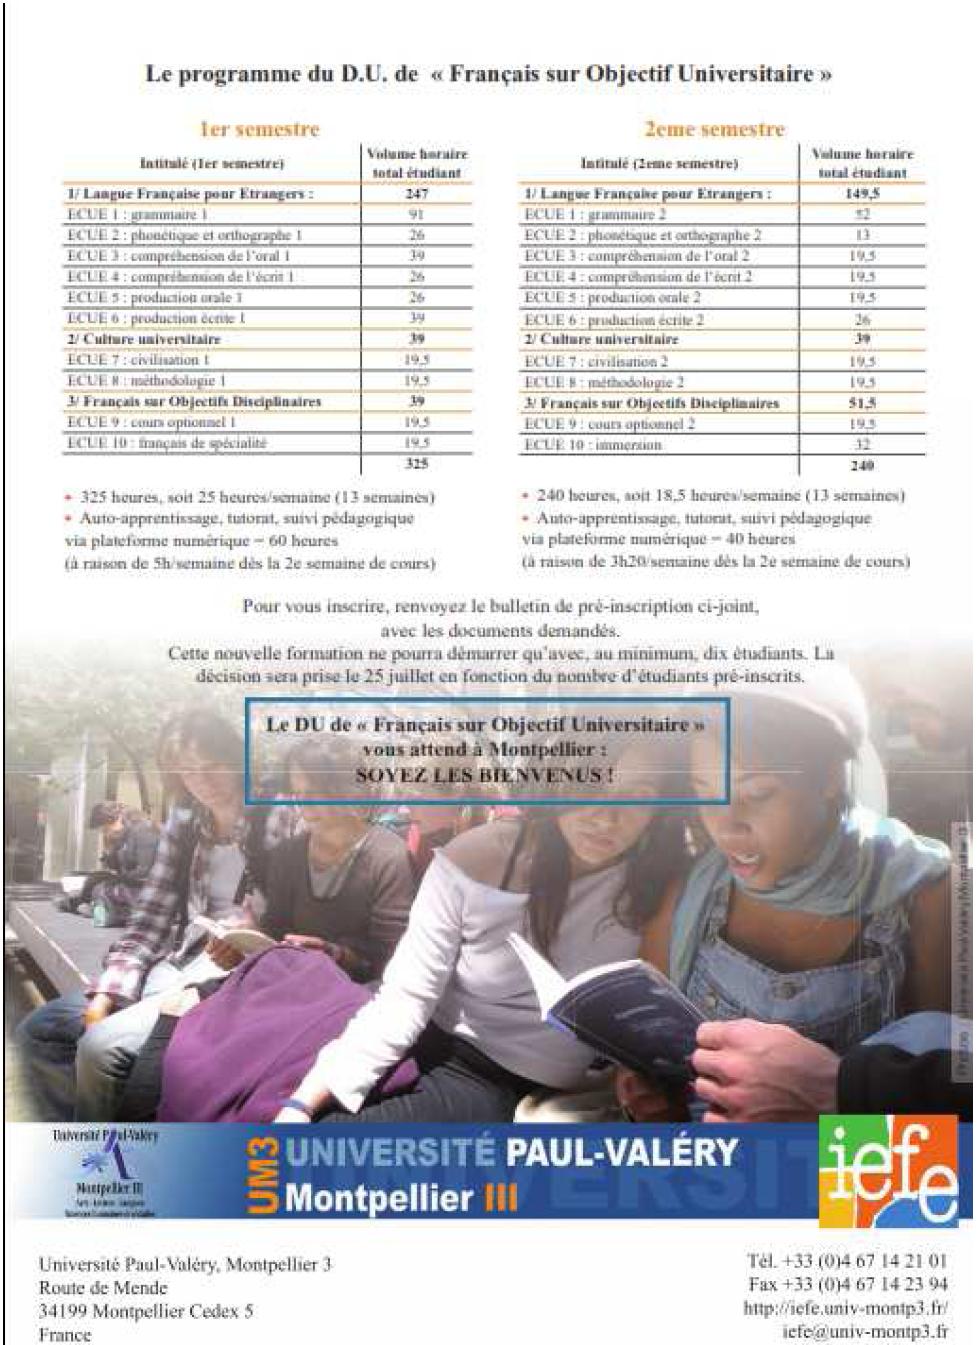 Annexe 1'' PRÉPARATION AUX ÉCRITS UNIVERSITAIRES EN FRANÇAIS DES ÉTUDIANTS ÉTRANGERS AVEC UN DISPOSITIF MULTIMÉDIA EN FRANÇAIS SUR OBJECTIF UNIVERSITAIRE